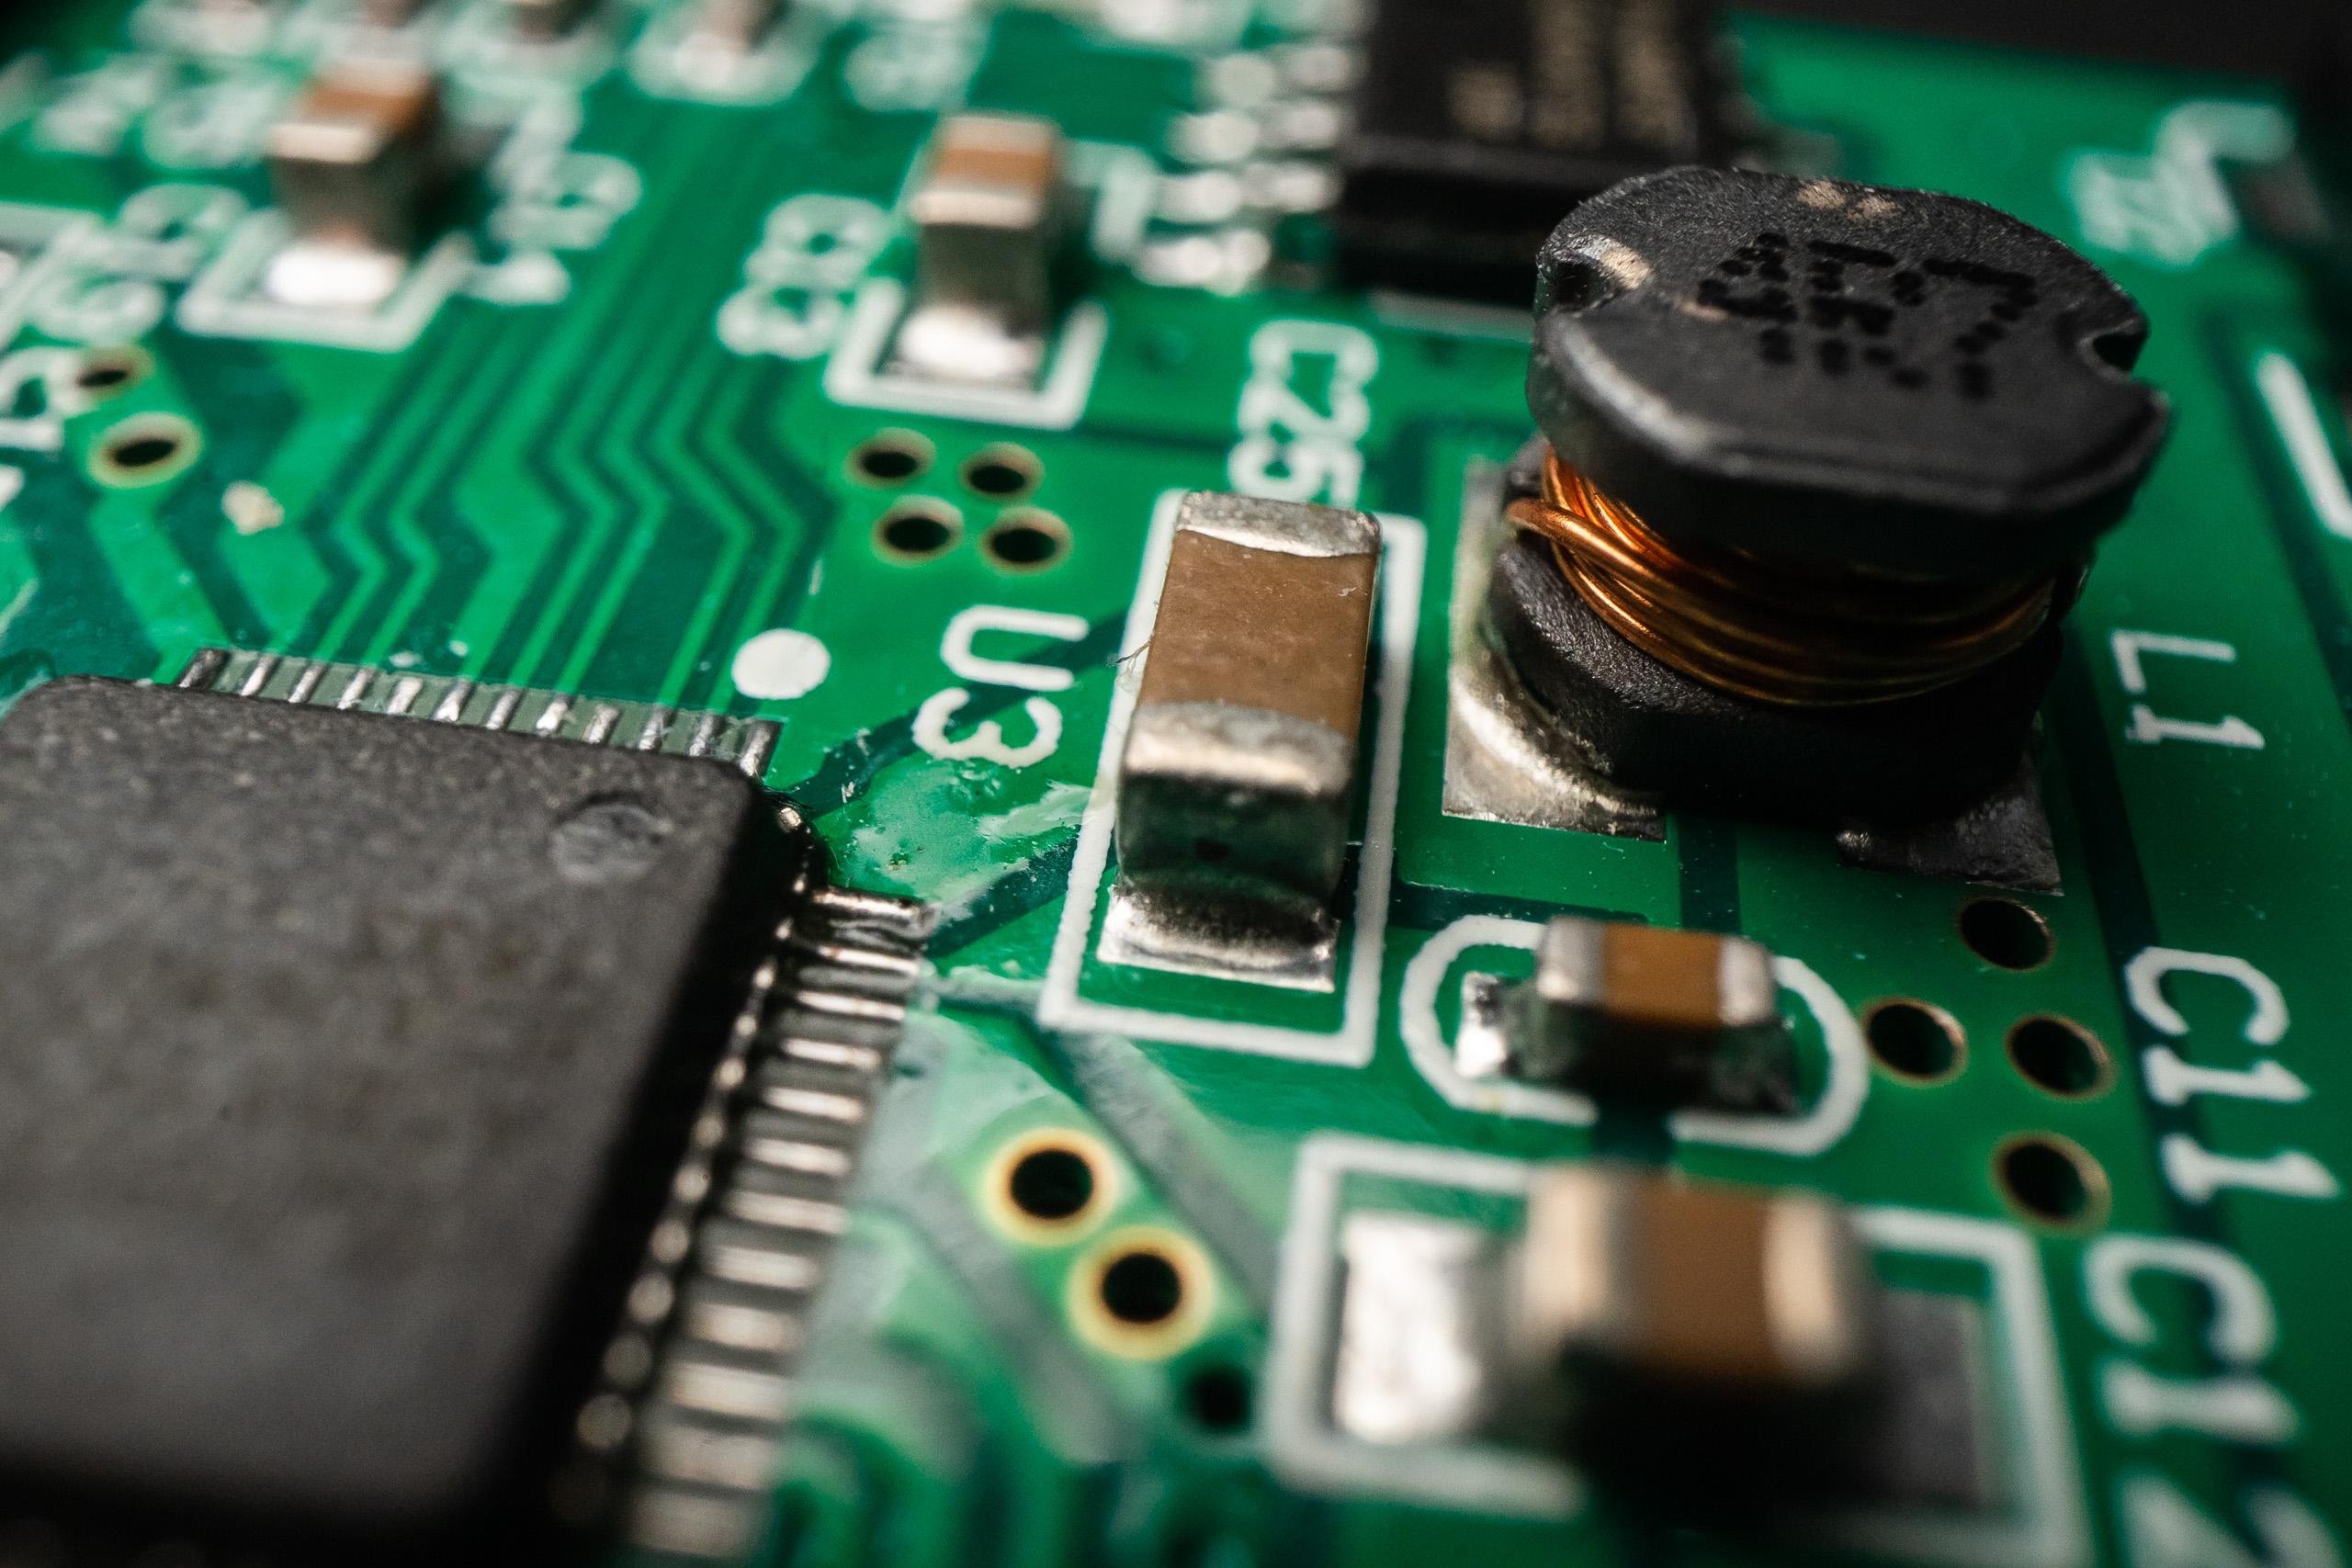 obiektyw Laowa 24mm f/14 macro probe makro lens